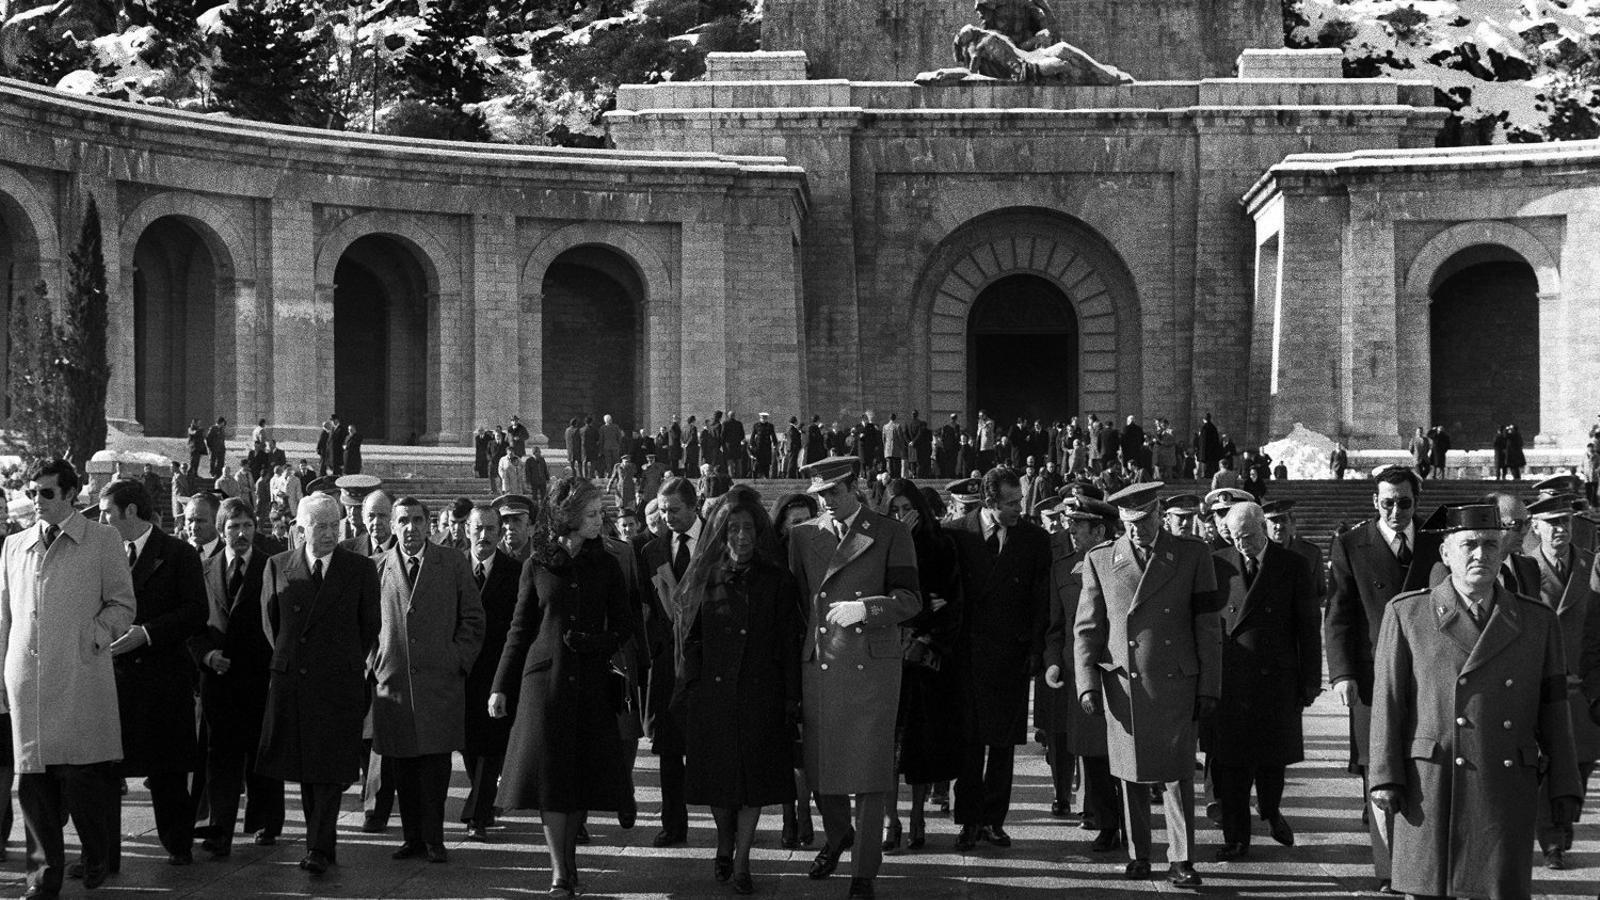 Els reis d'Espanya acompanyant Carmen Polo de Franco a la sortida d'una missa dedicada al dictador al Valle de los Caídos el 20 de desembre del 1975.